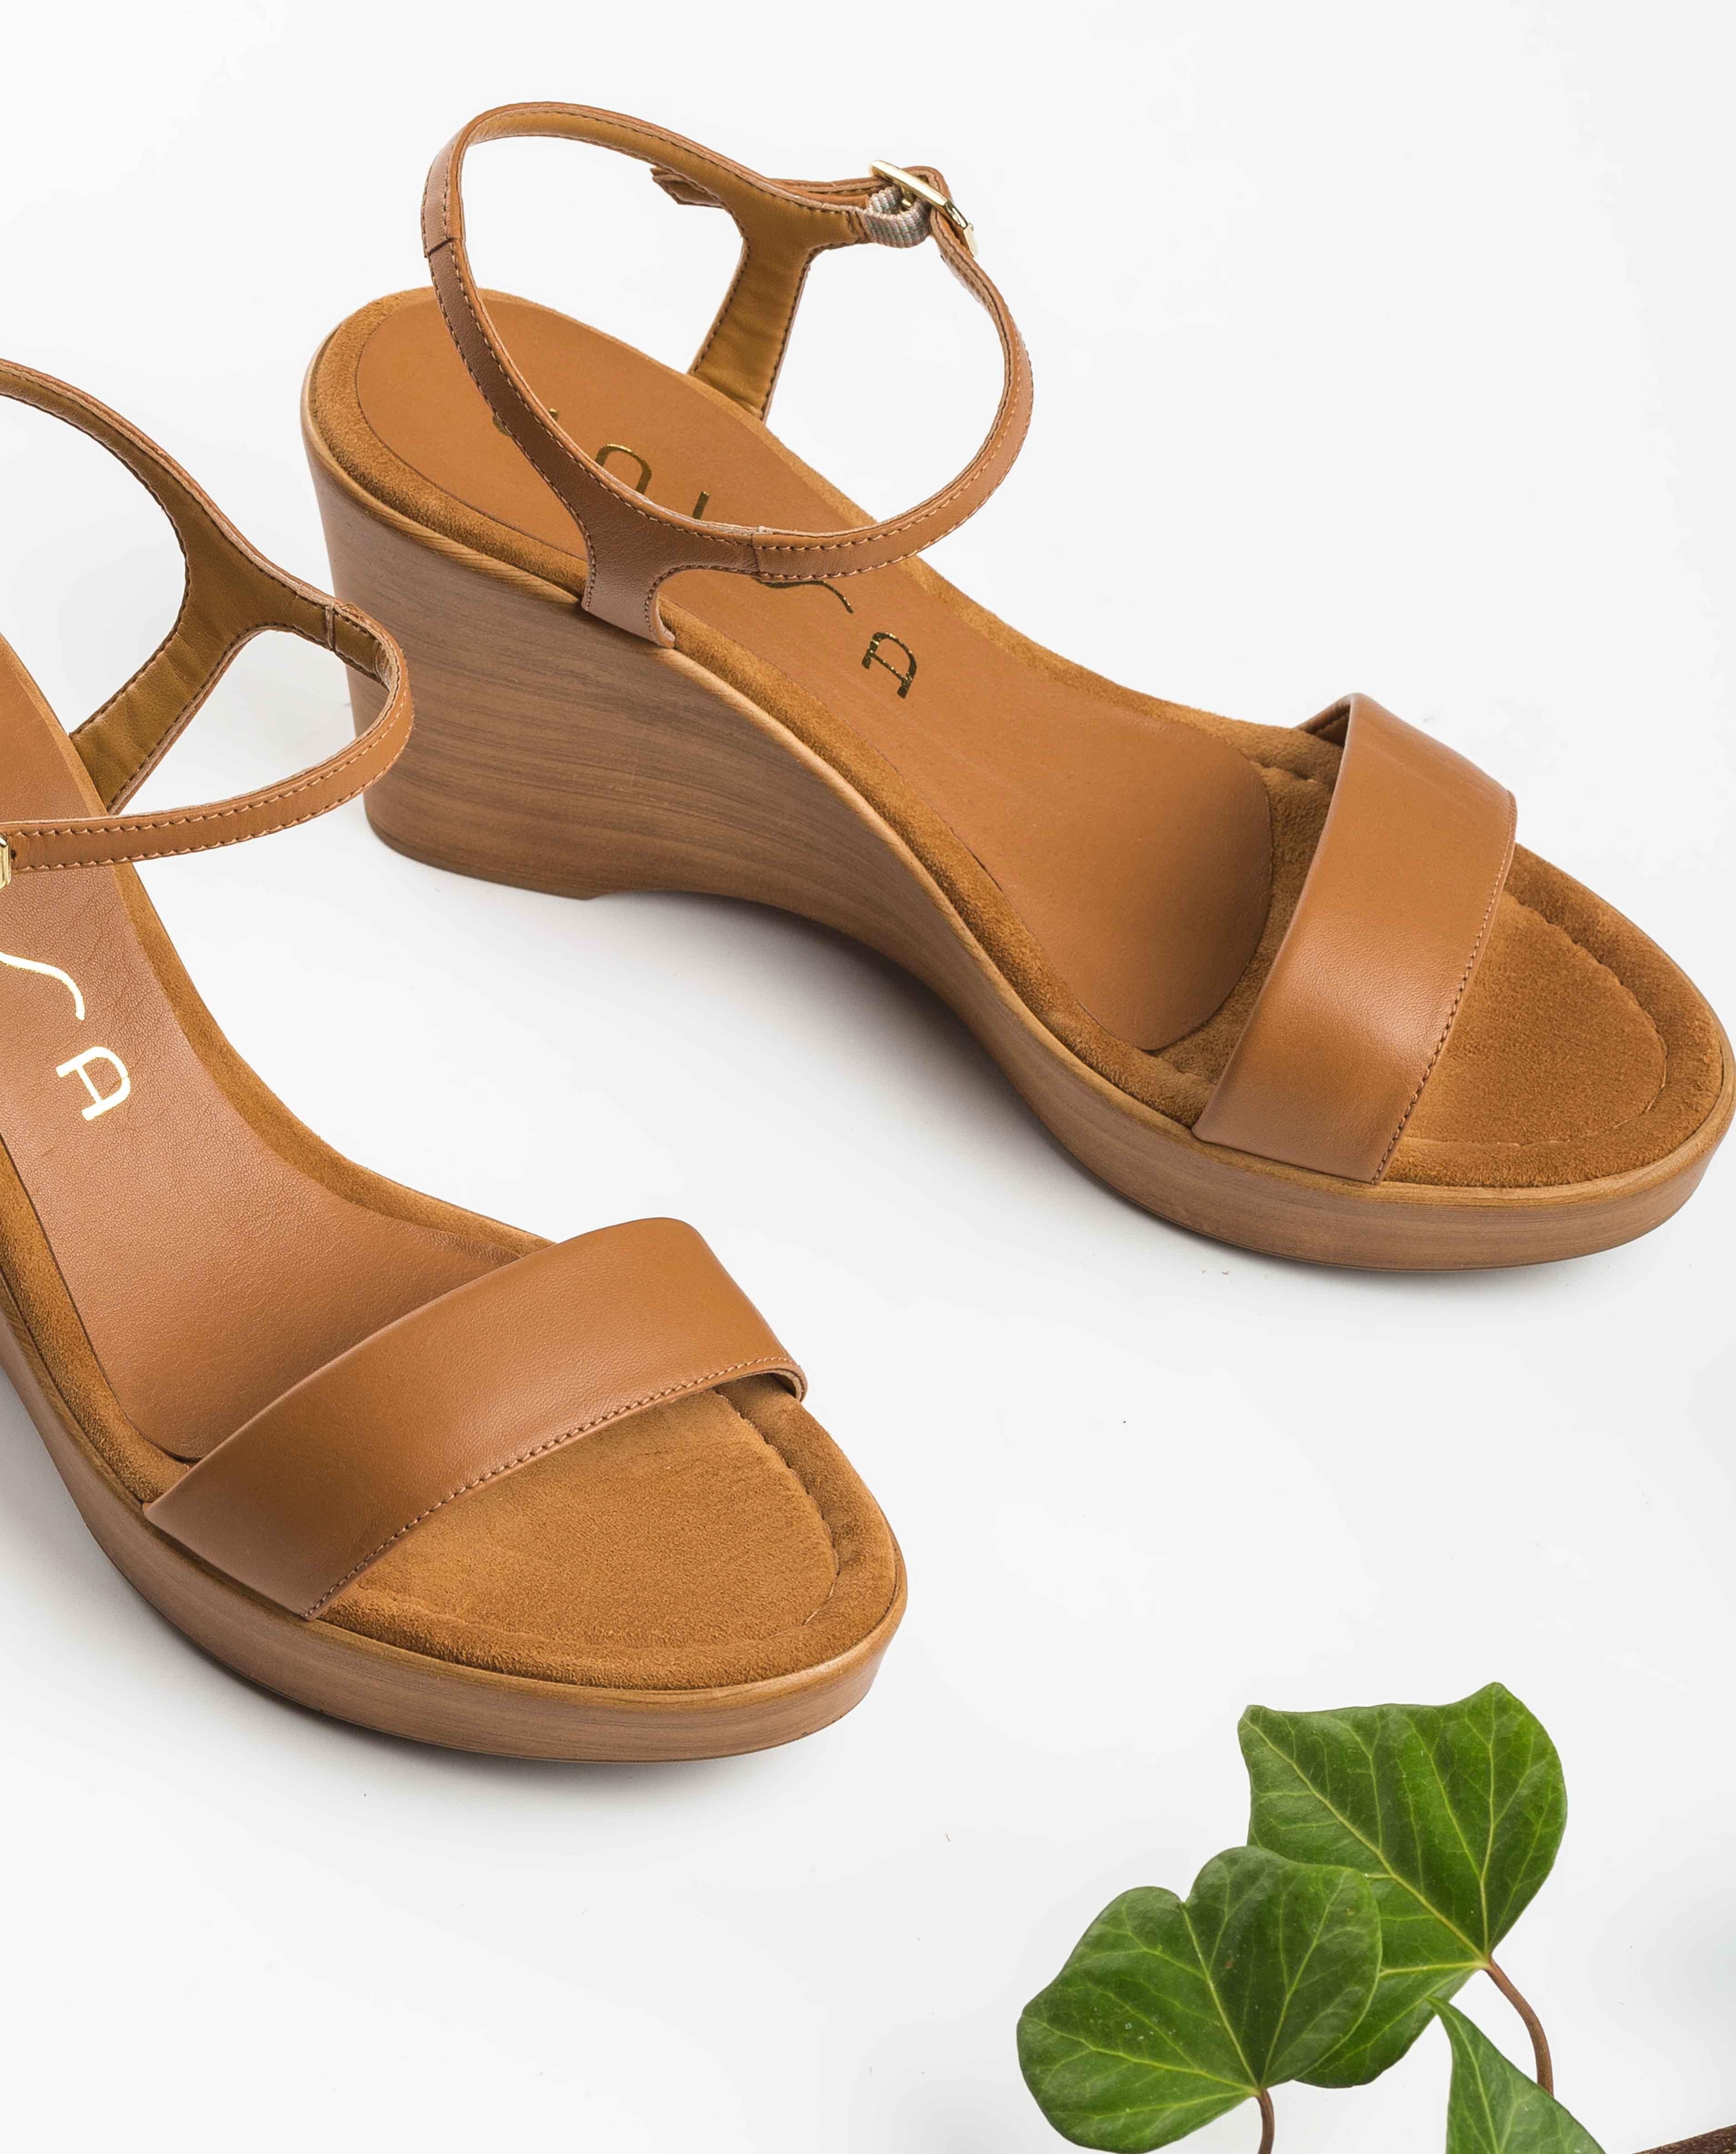 UNISA Leather block sandals RITA_20_NA bisquit 2